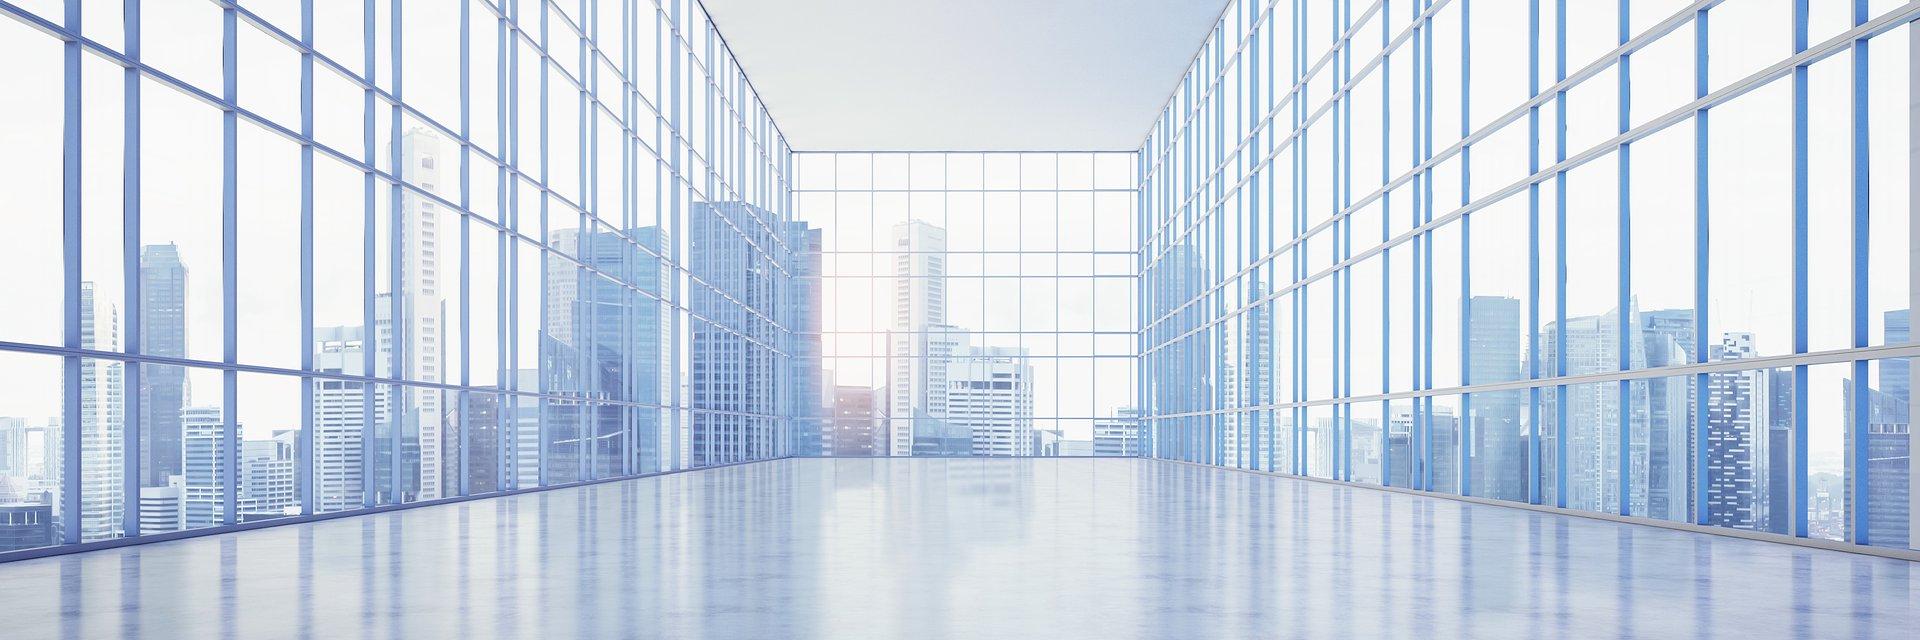 Firmy z Azji, Białorusi i USA przyglądają się Polsce. Jest szansa na nowe miejsca pracy